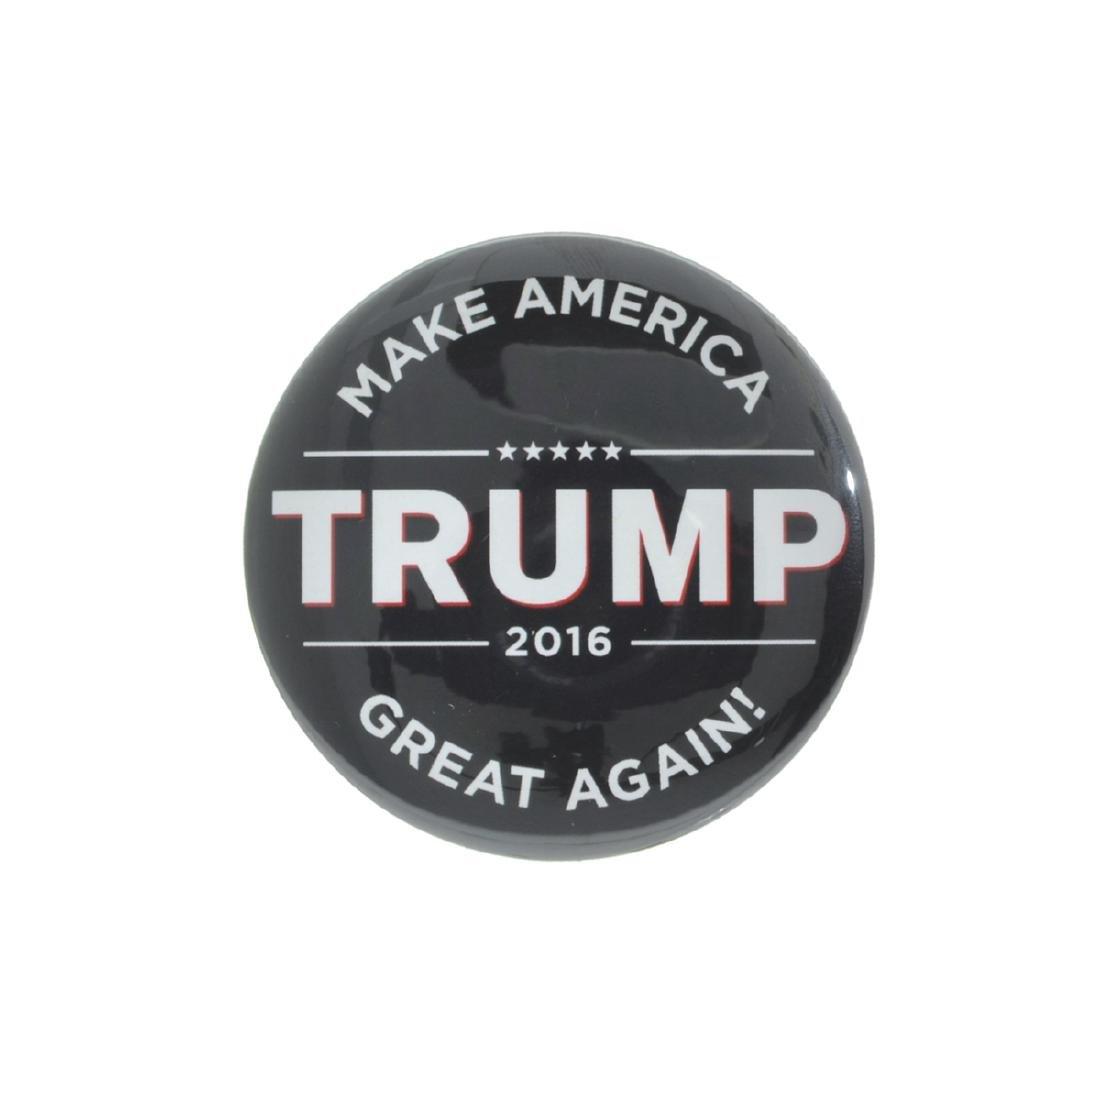 Rare Limited Edition Trump Campaign Button